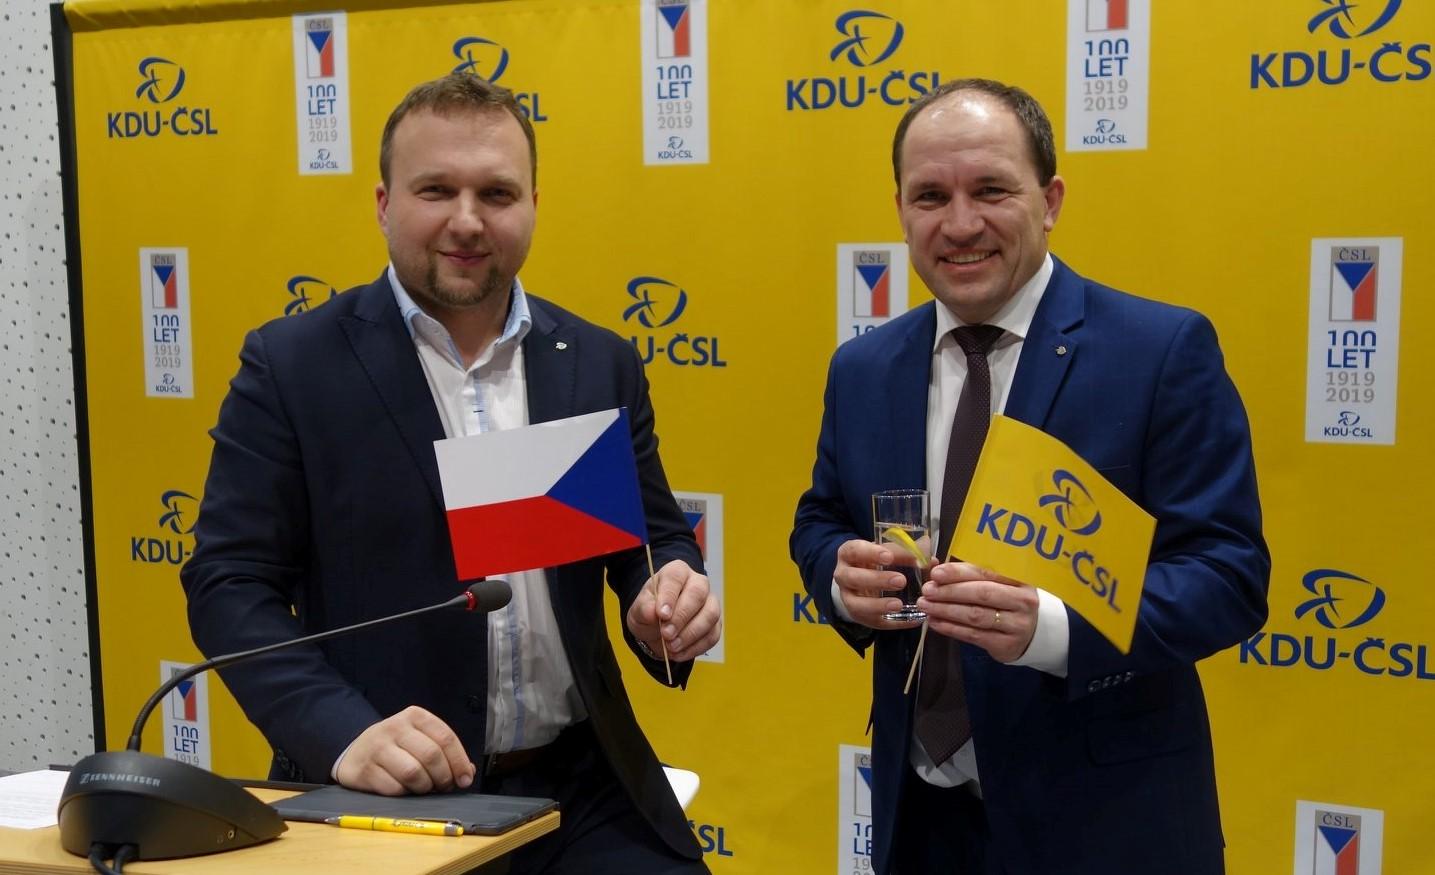 Marian Jurečka a Marek Výborný (FB Marek Výborný)